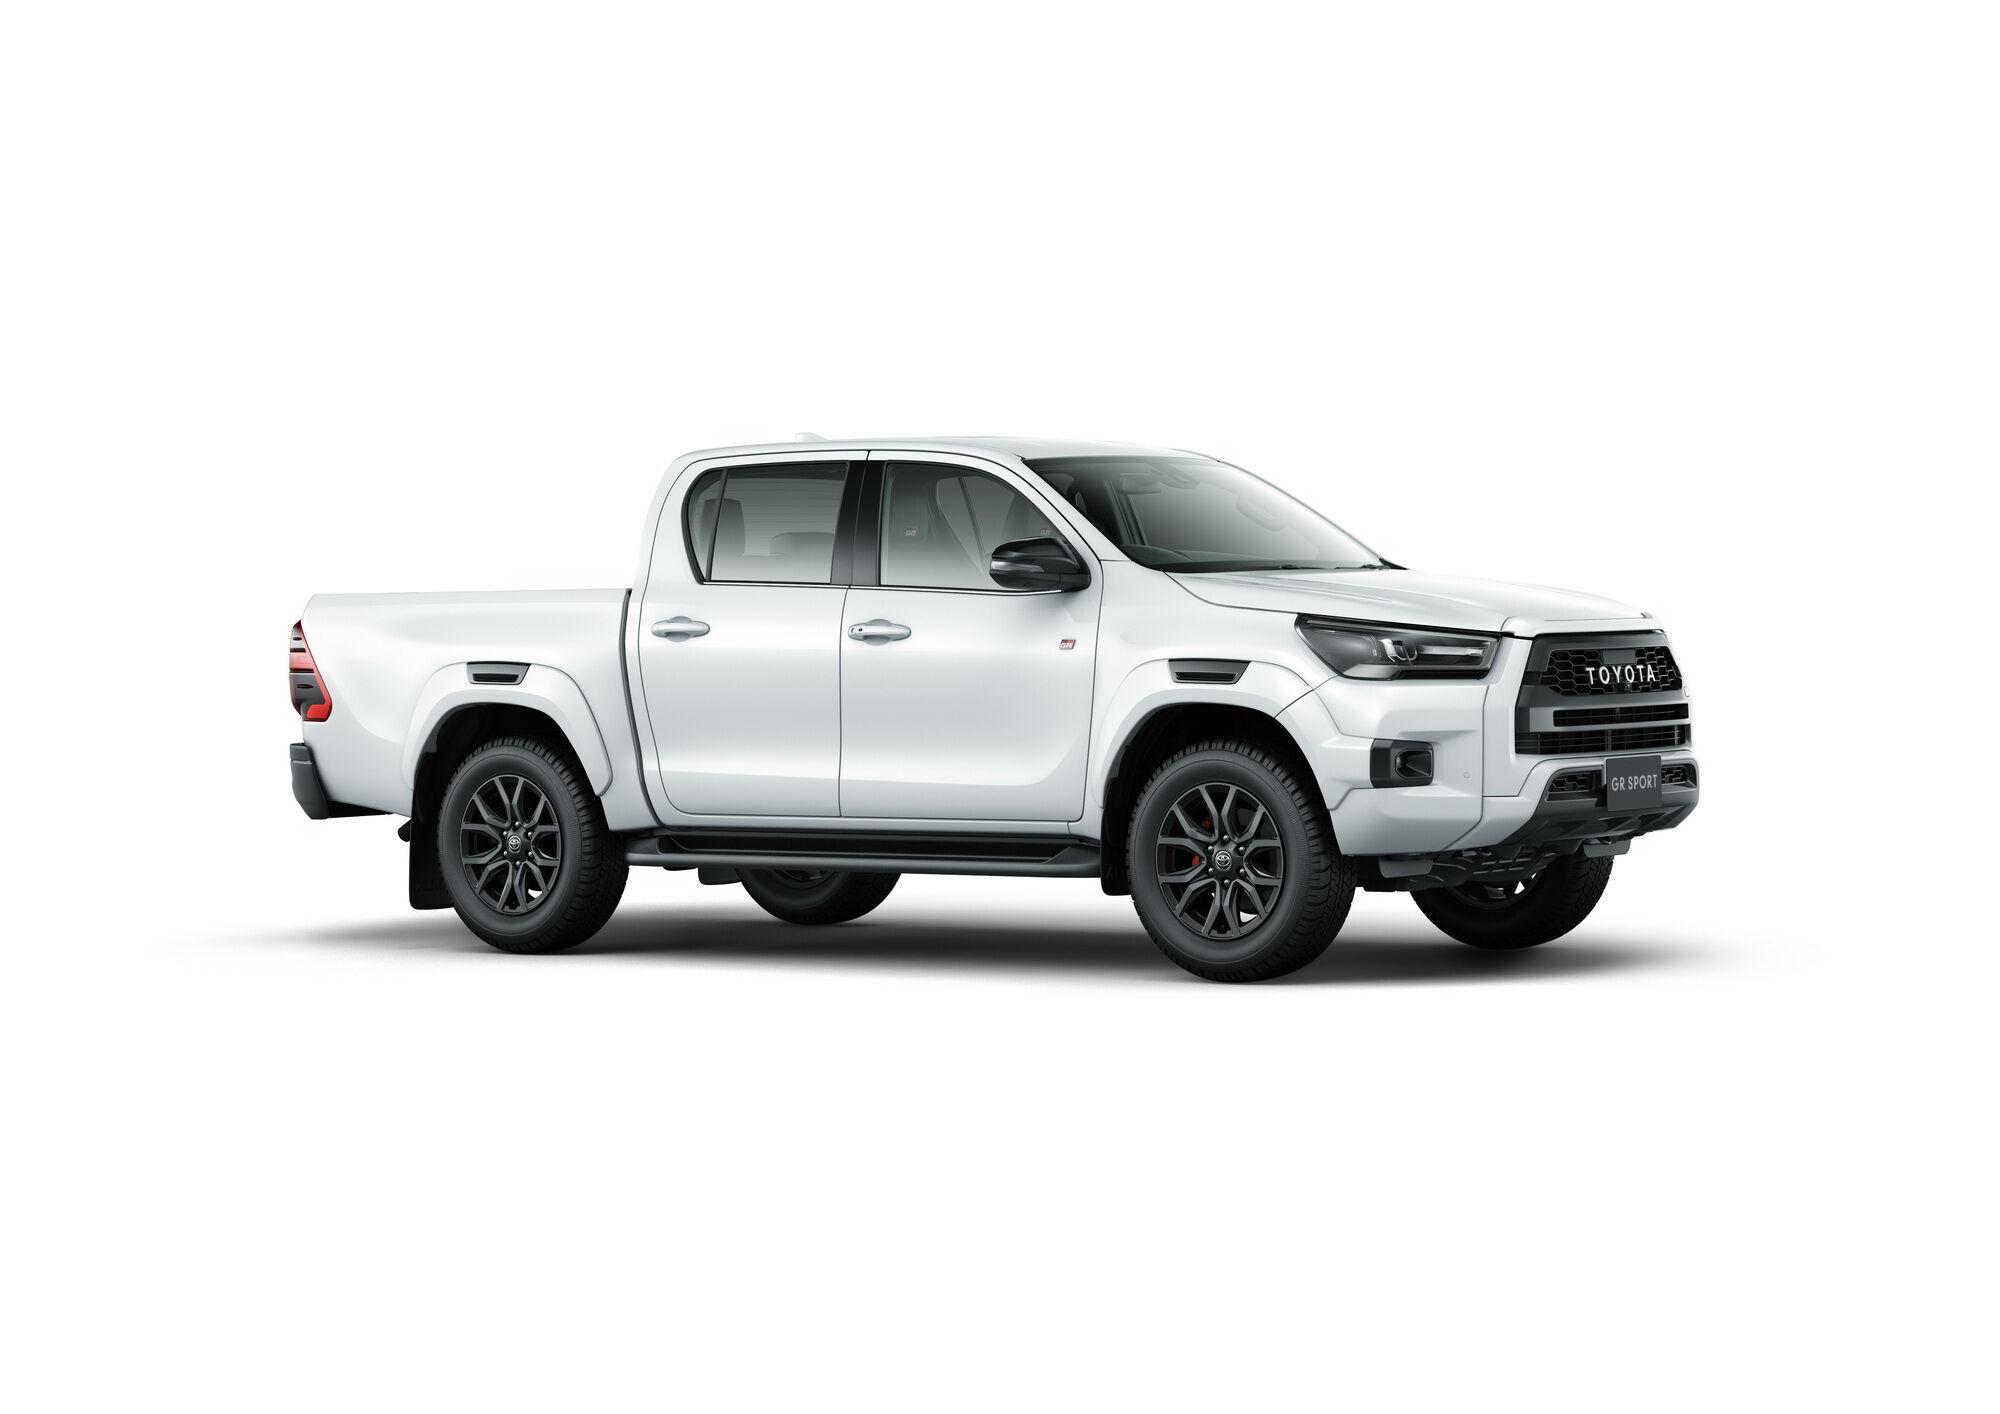 За основу для создании новинки был взят топовый вариант Toyota Hilux